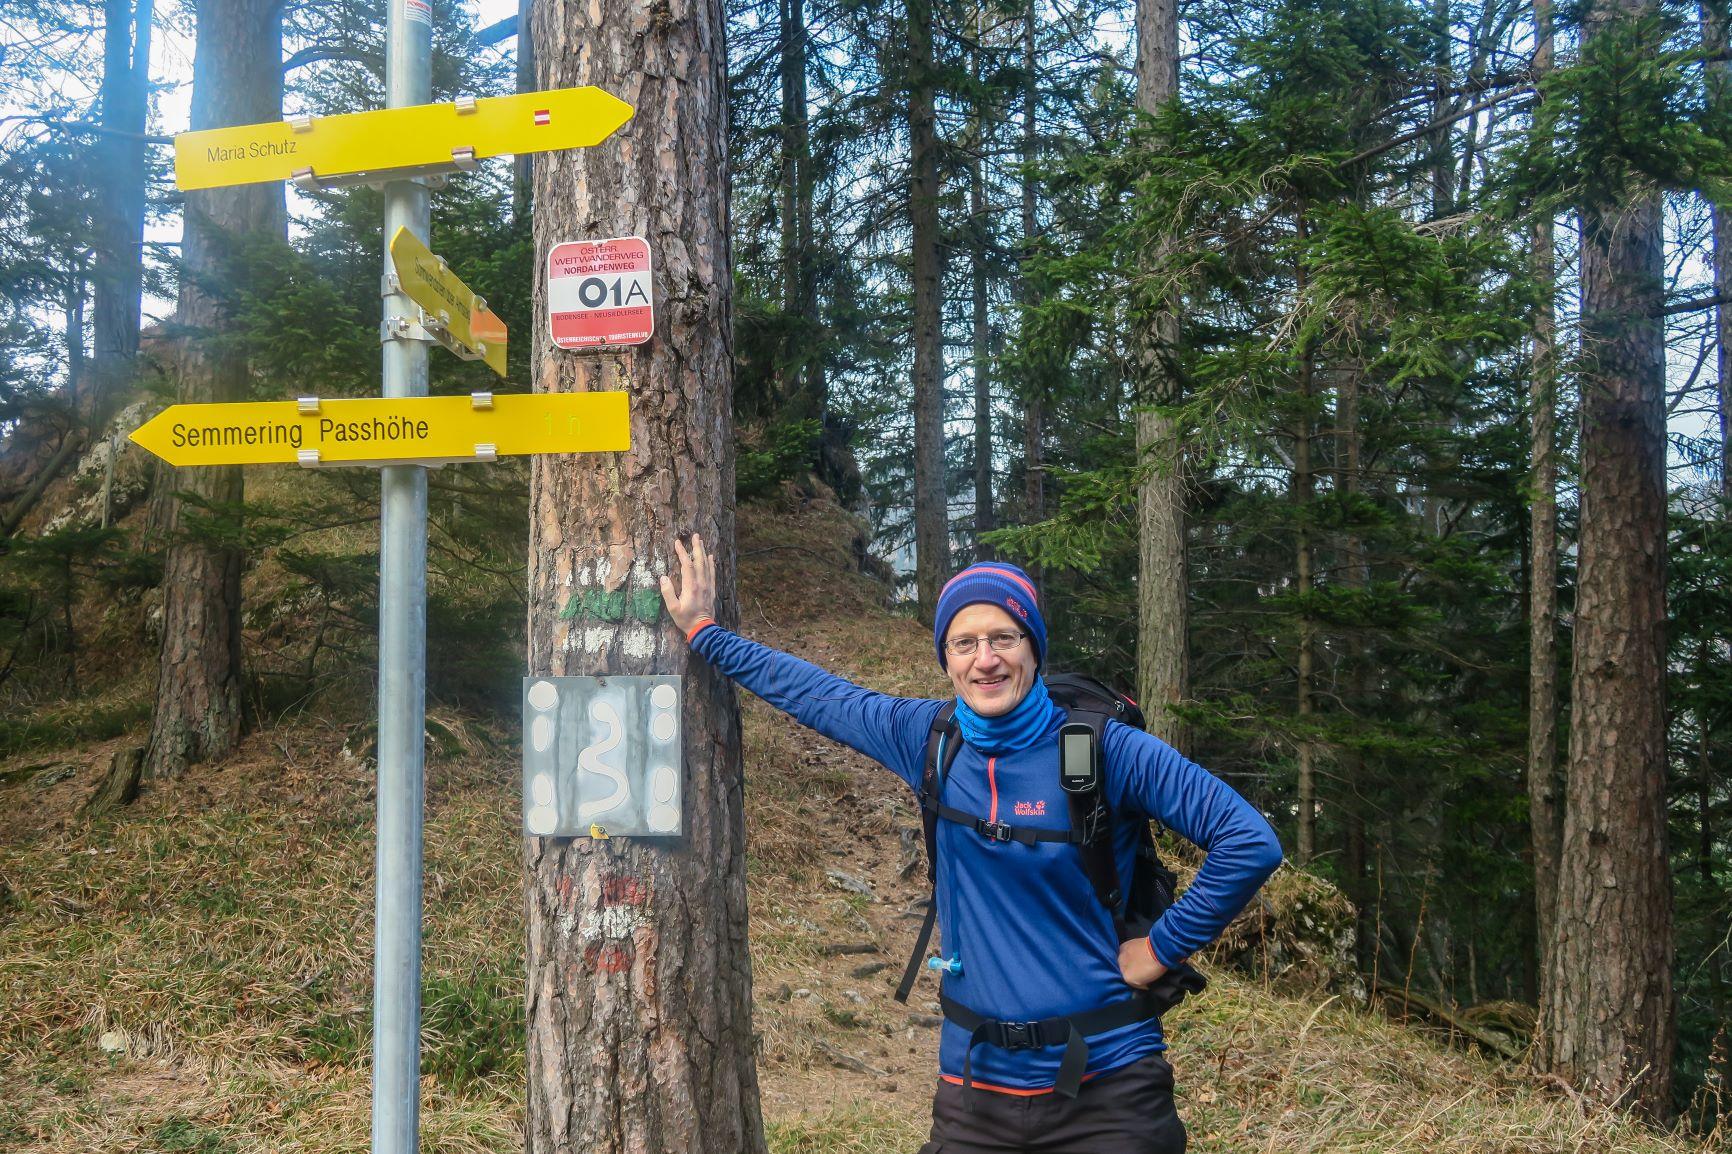 Burgenlandroute Etappe 04: Maria Schutz – Rax